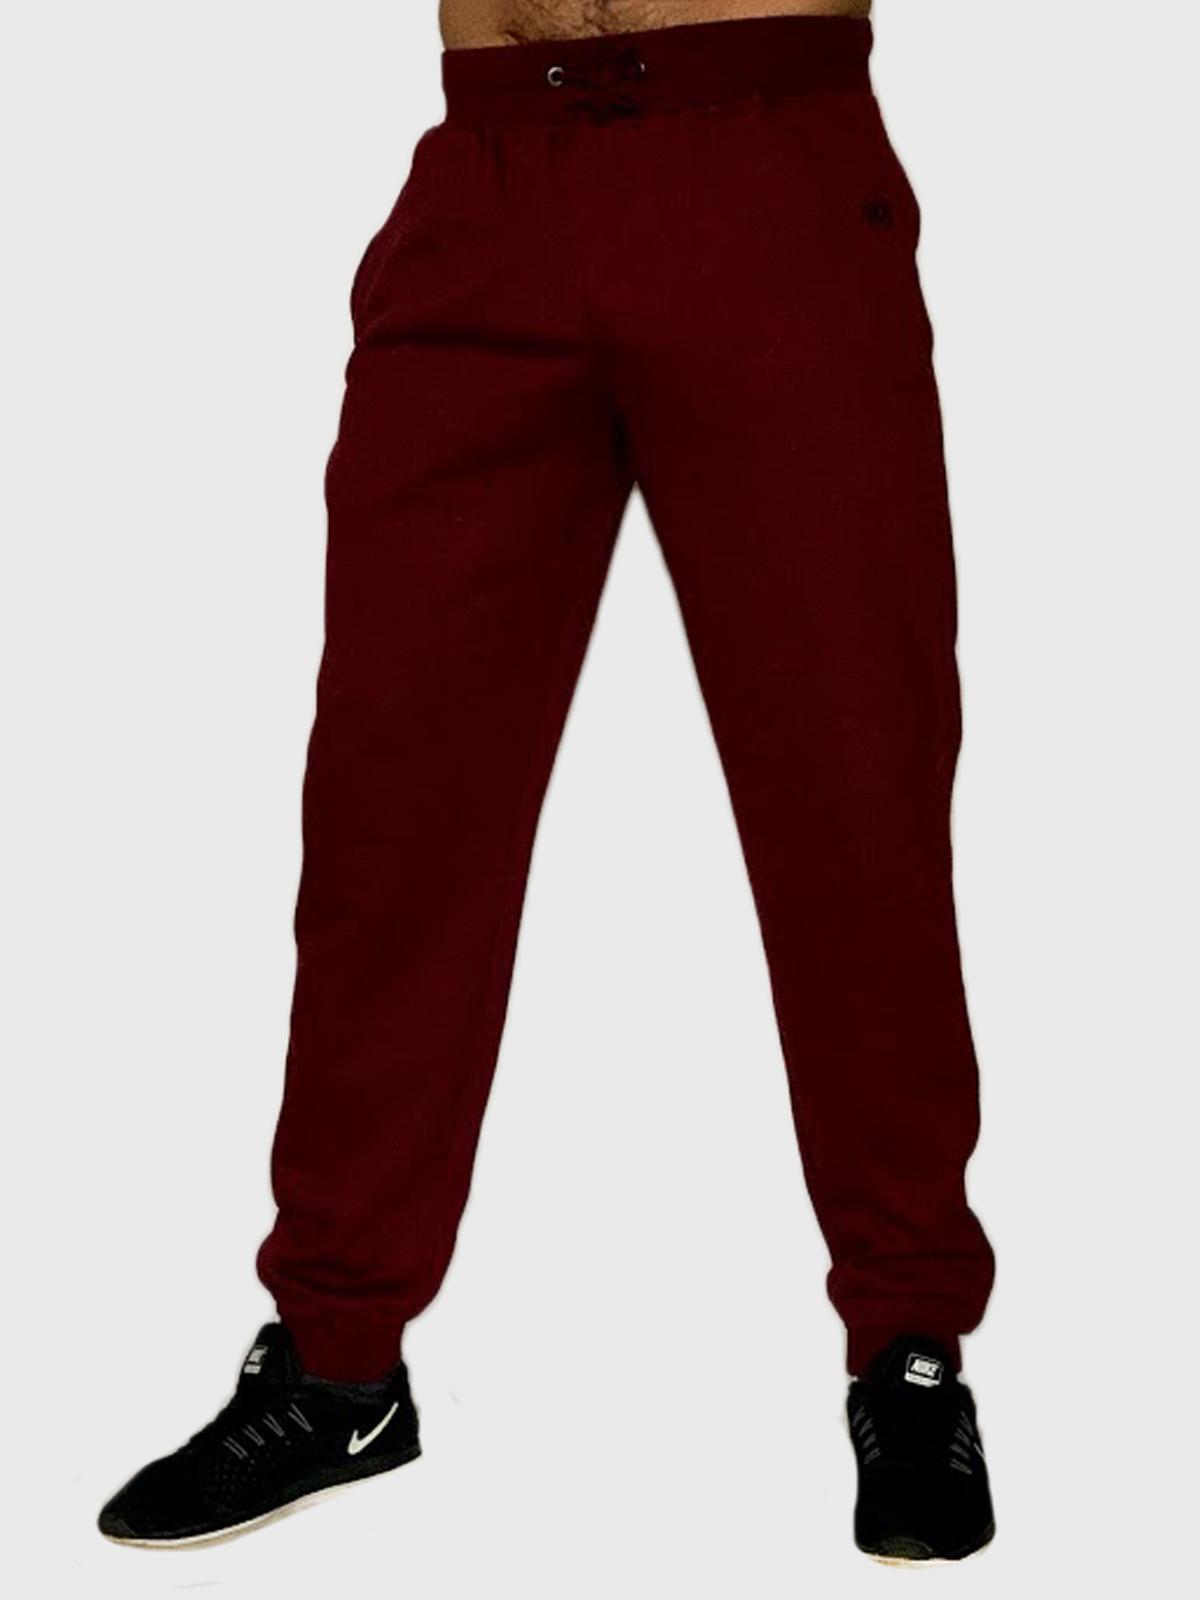 Мужские спортивные штаны бордового цвета